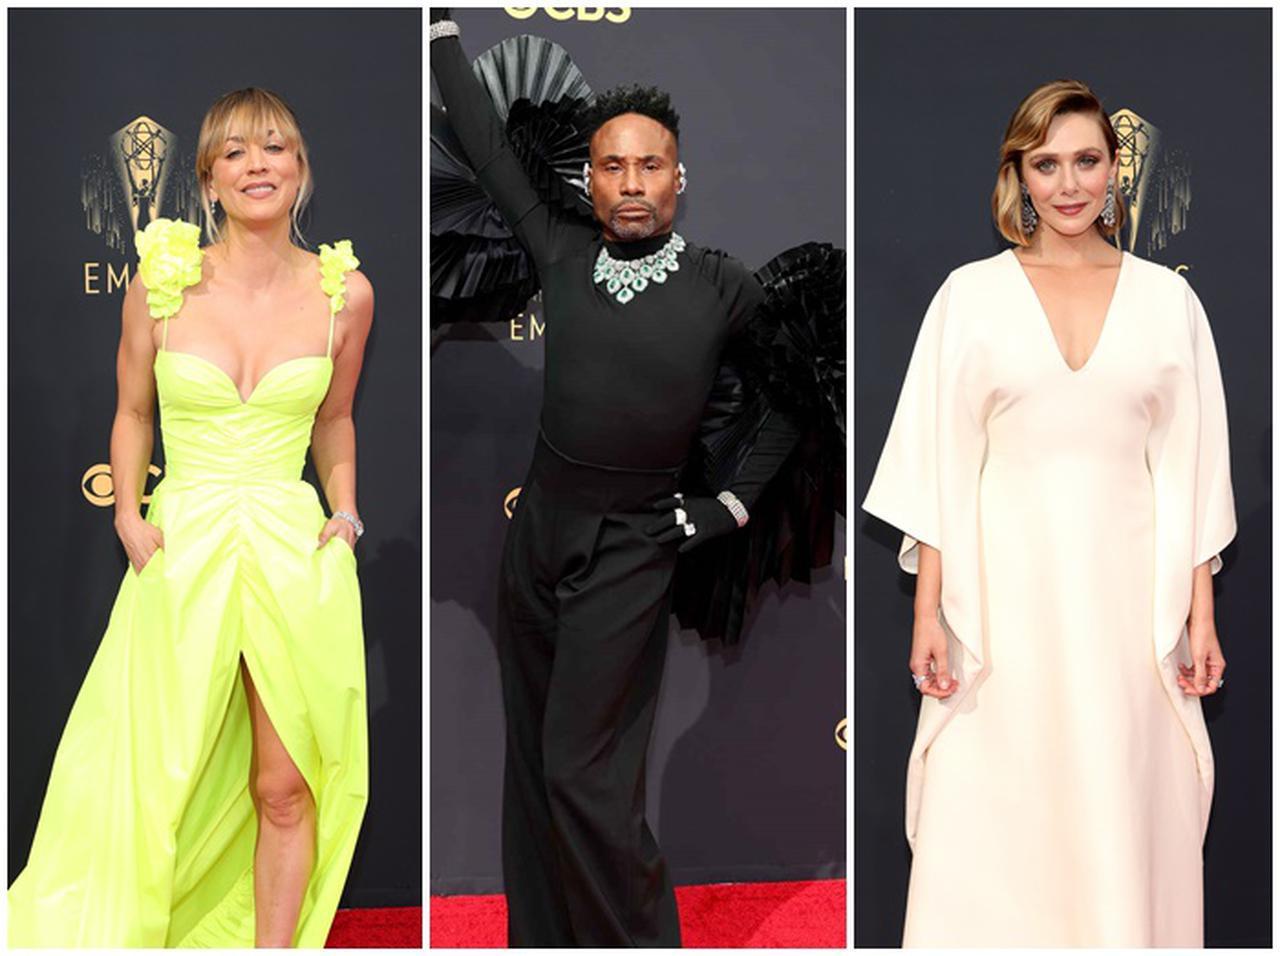 画像: エミー賞2021が開幕!華やかなレッドカーペットスタイルを速報 - フロントロウ -海外セレブ&海外カルチャー情報を発信